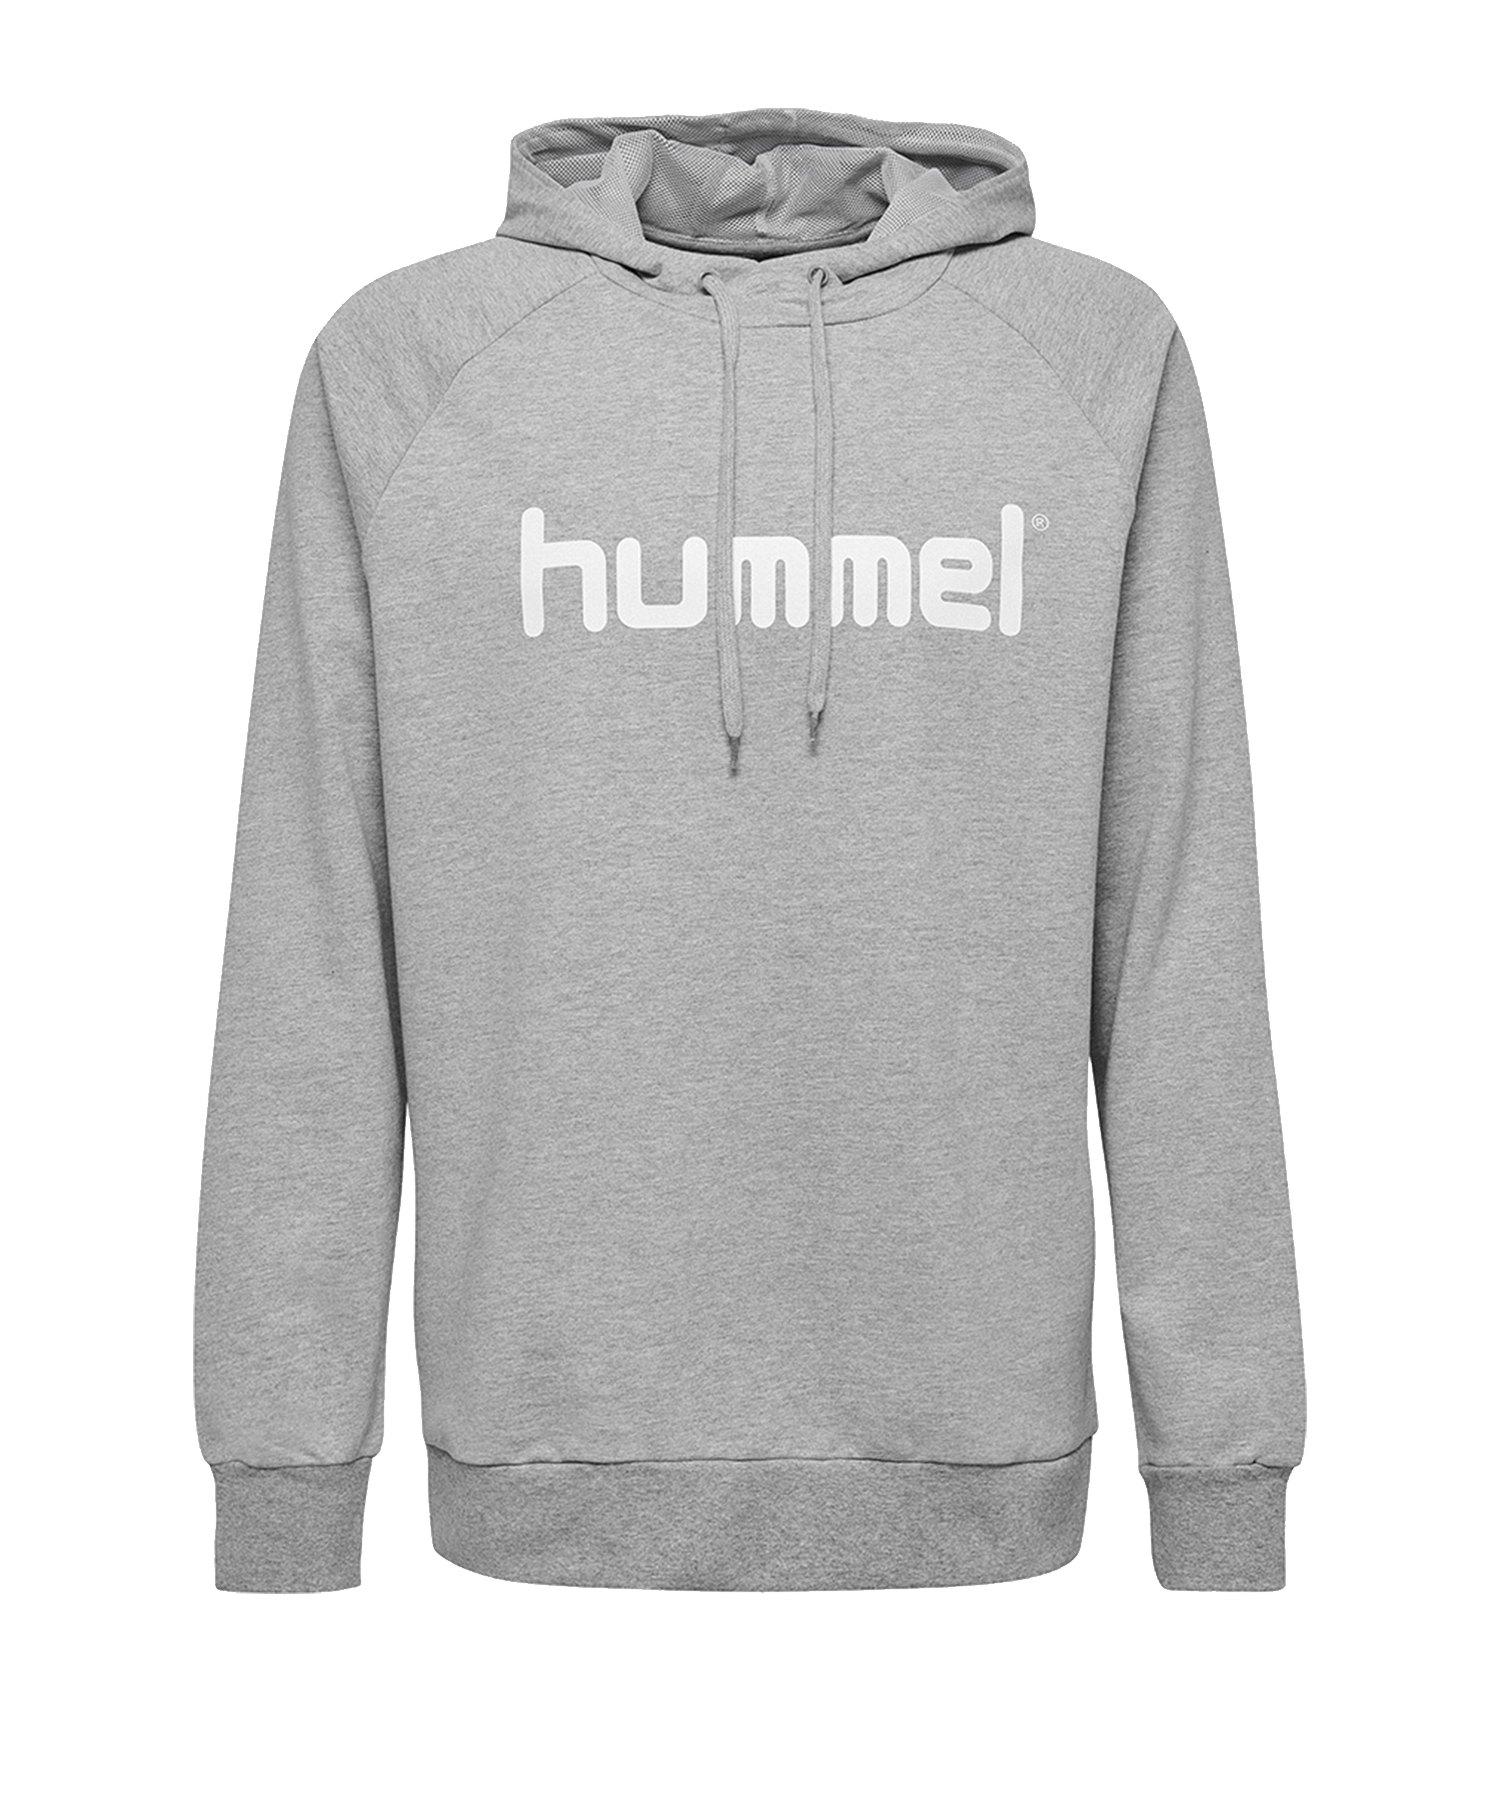 Hummel Cotton Logo Hoody Grau F2006 - Grau